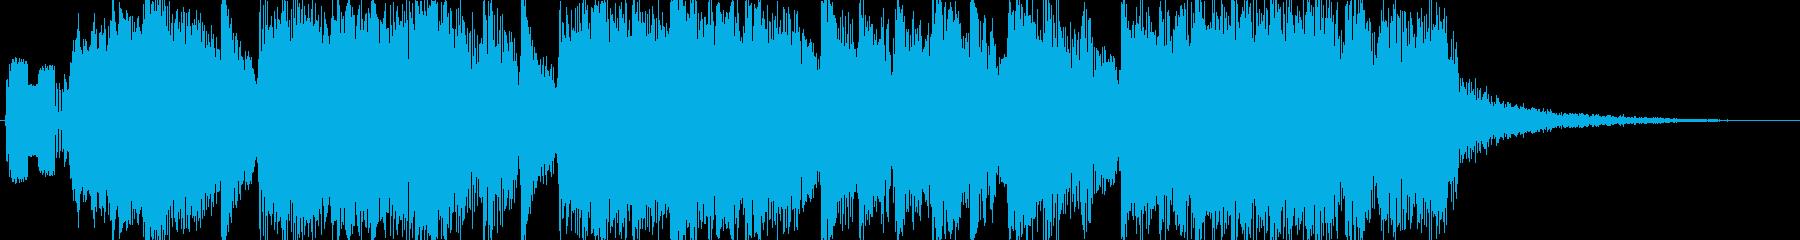 軽快で華やかなジングル 10秒verの再生済みの波形